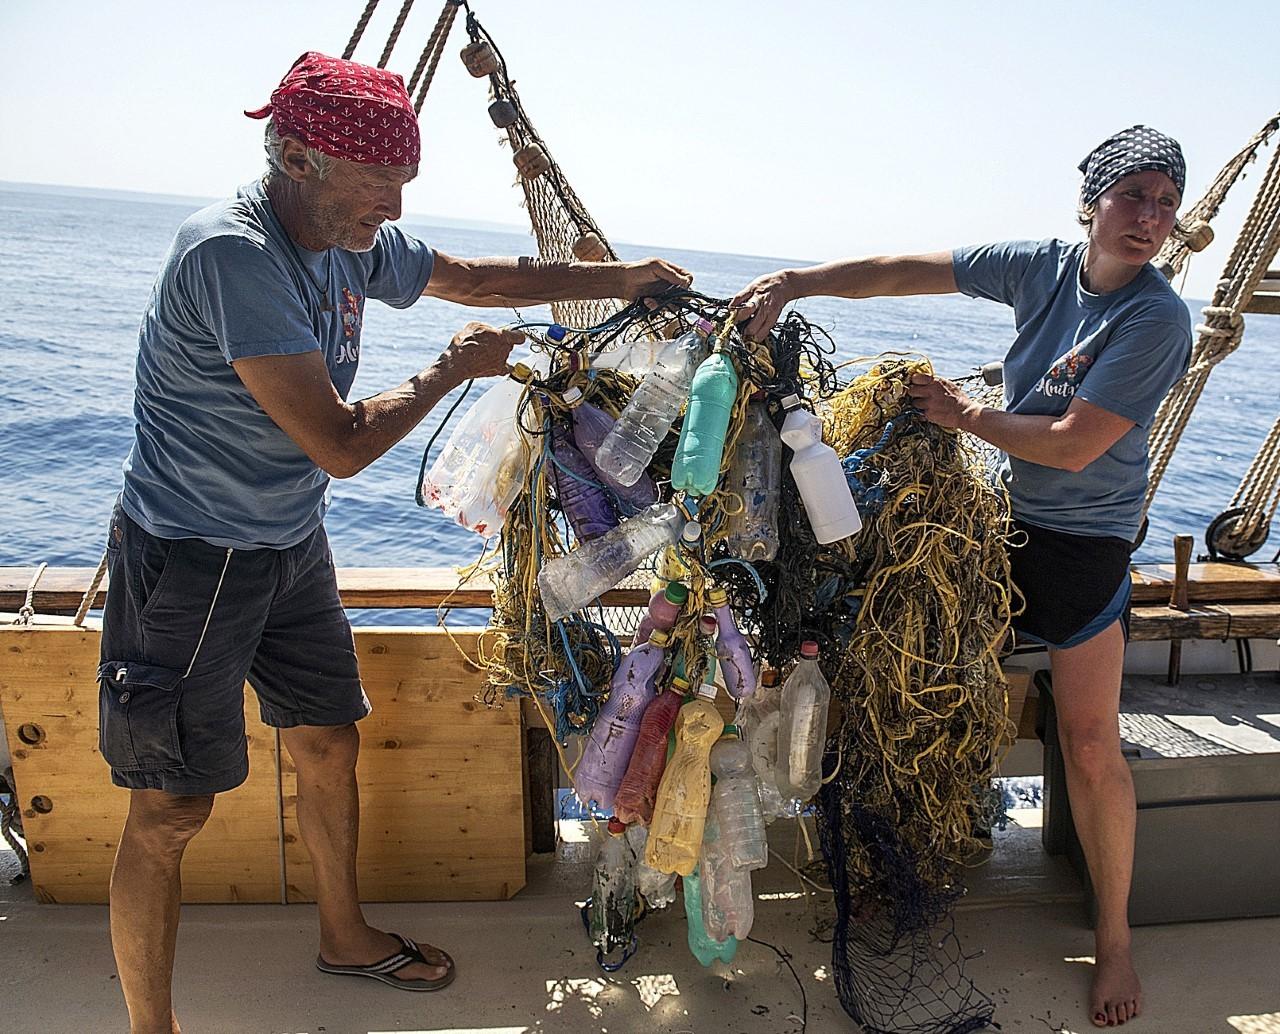 Recogida de basura en el mar